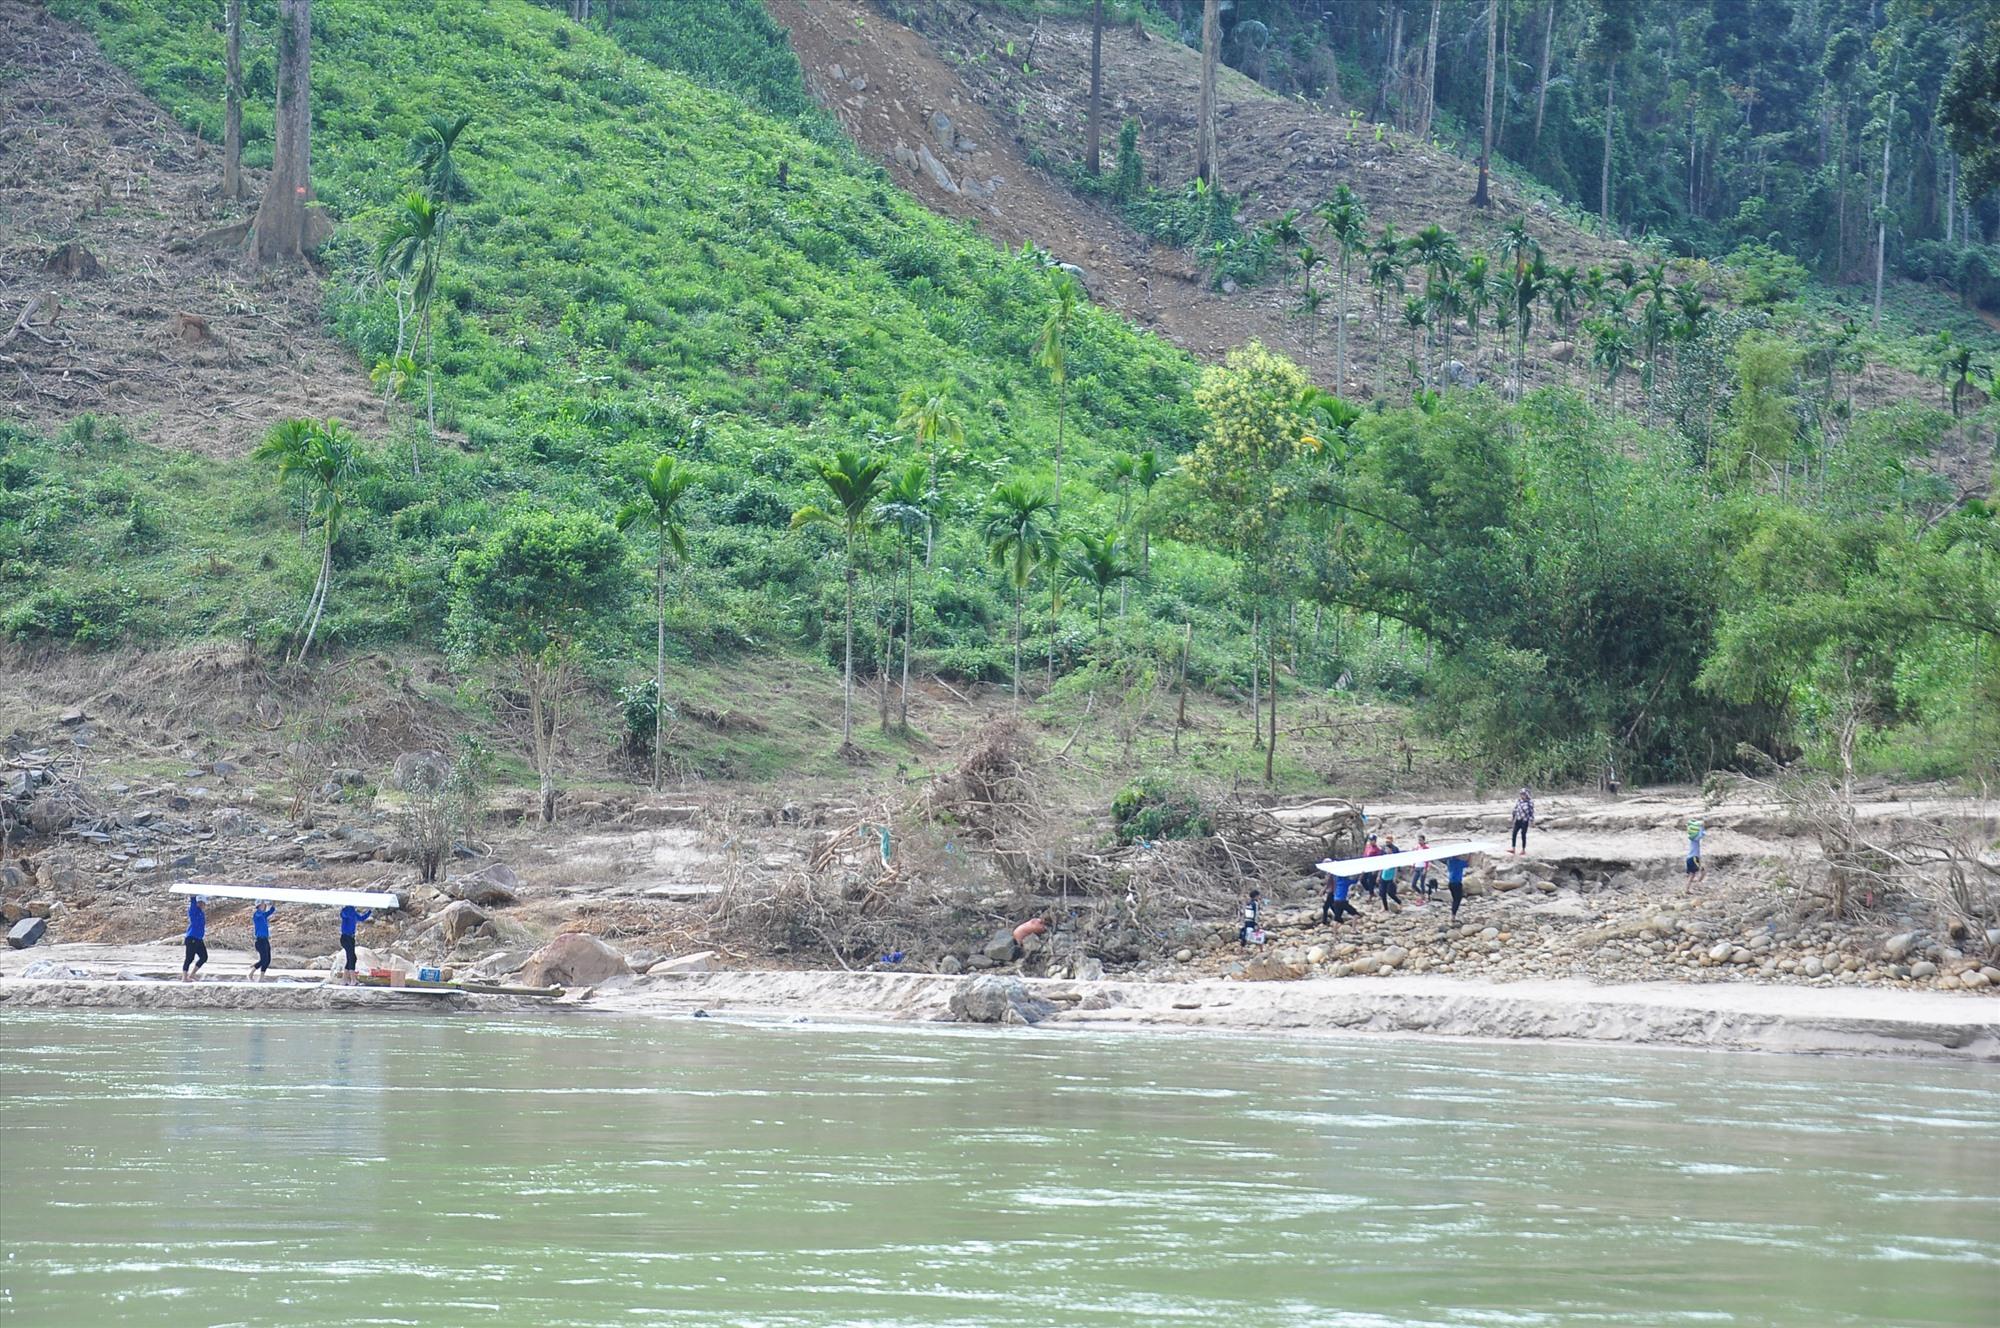 Sau vượt sông, thanh niên tình nguyện tiếp tục cõng tôn đi vào làng Tắk Rối. Ảnh: VINH ANH